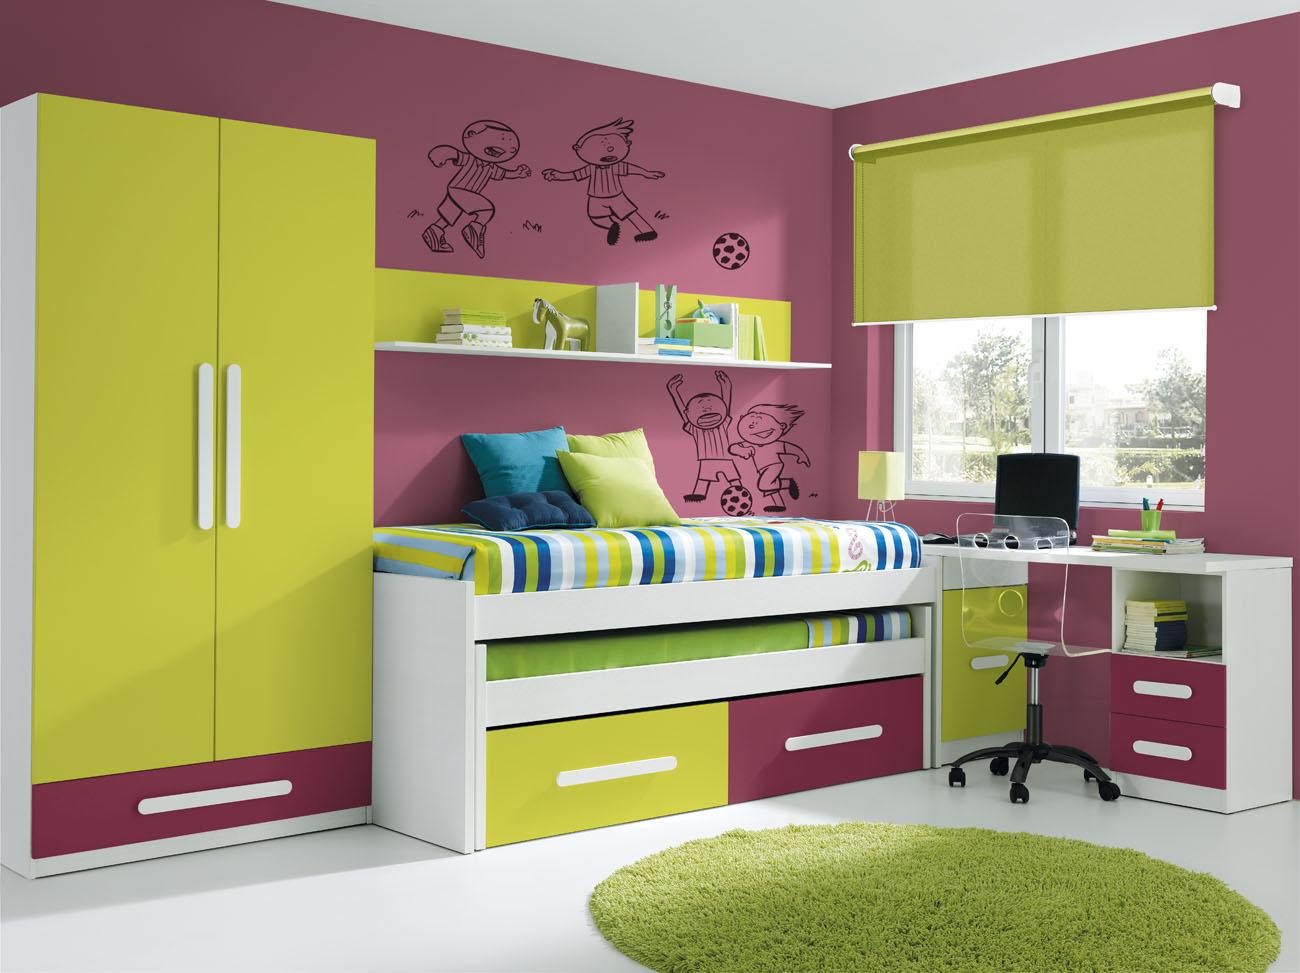 Dormitorio juvenil sin armario Dormitorio juvenil en l